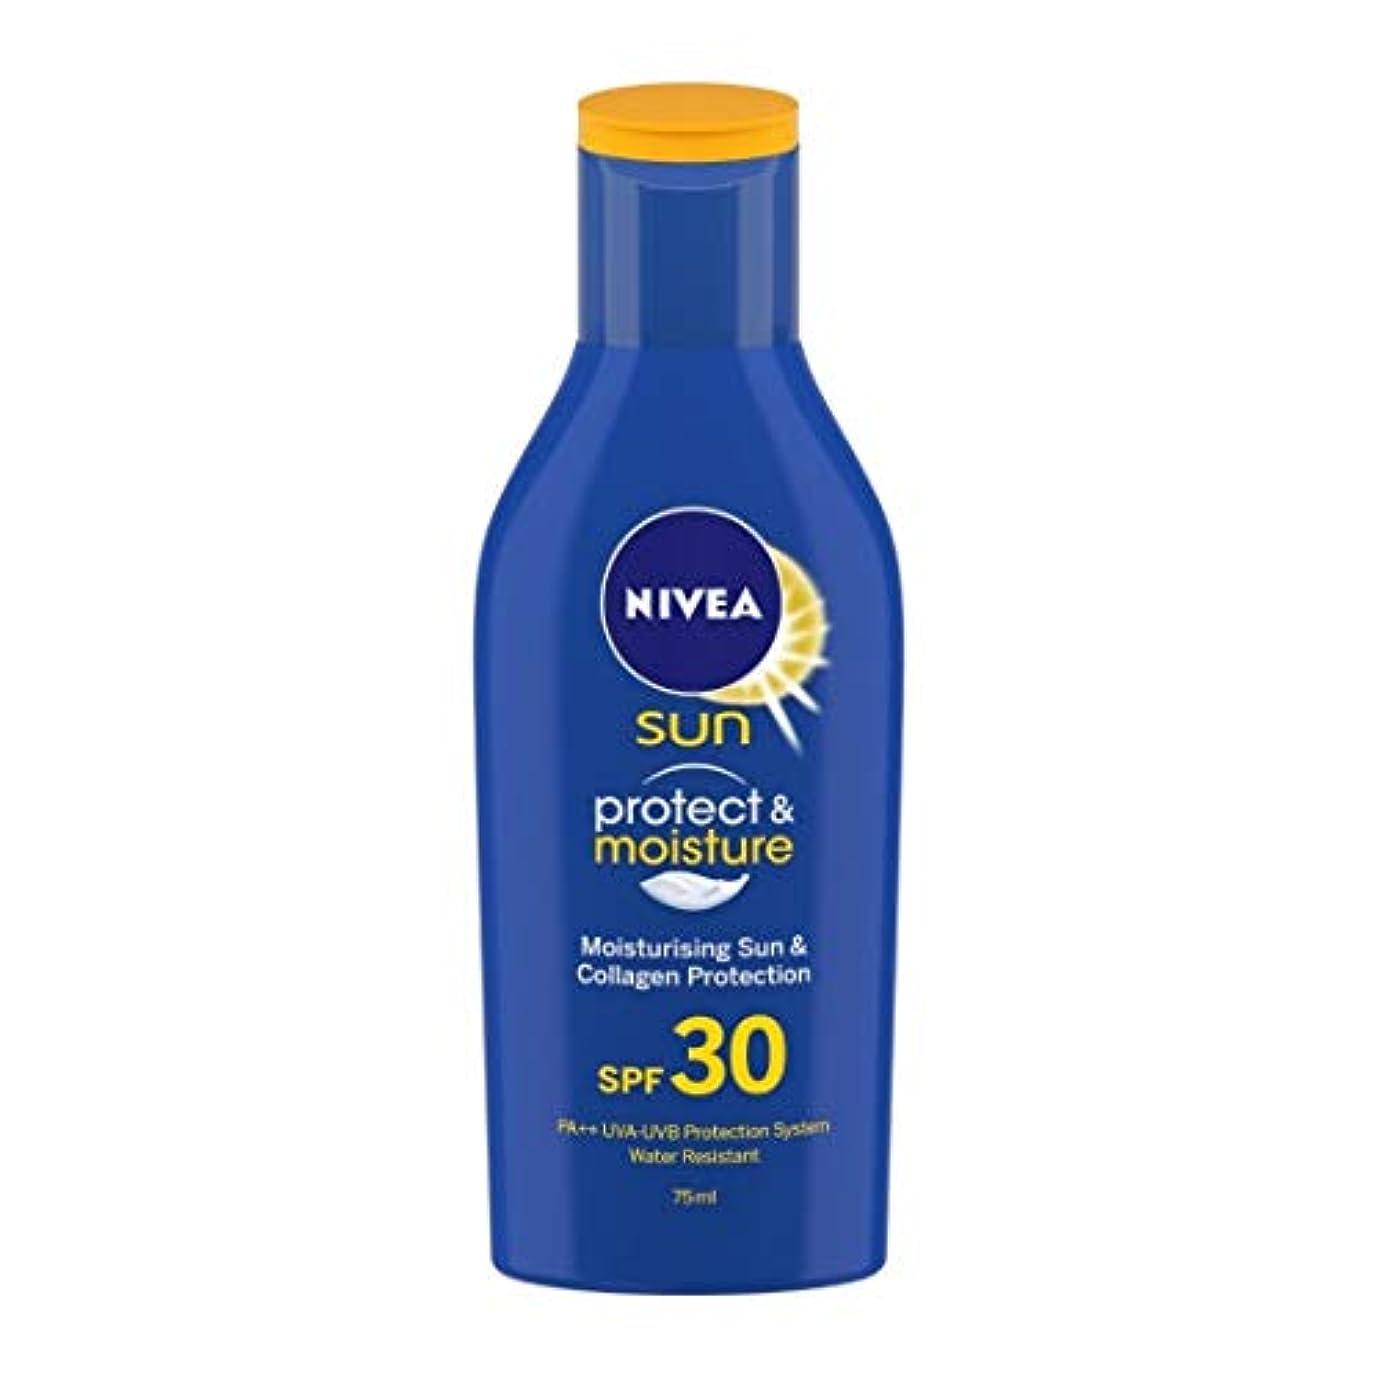 バスタブ植生ええNIVEA Sunscreen Lotion, Sun Protect and Moisture (SPF 30), 75ml